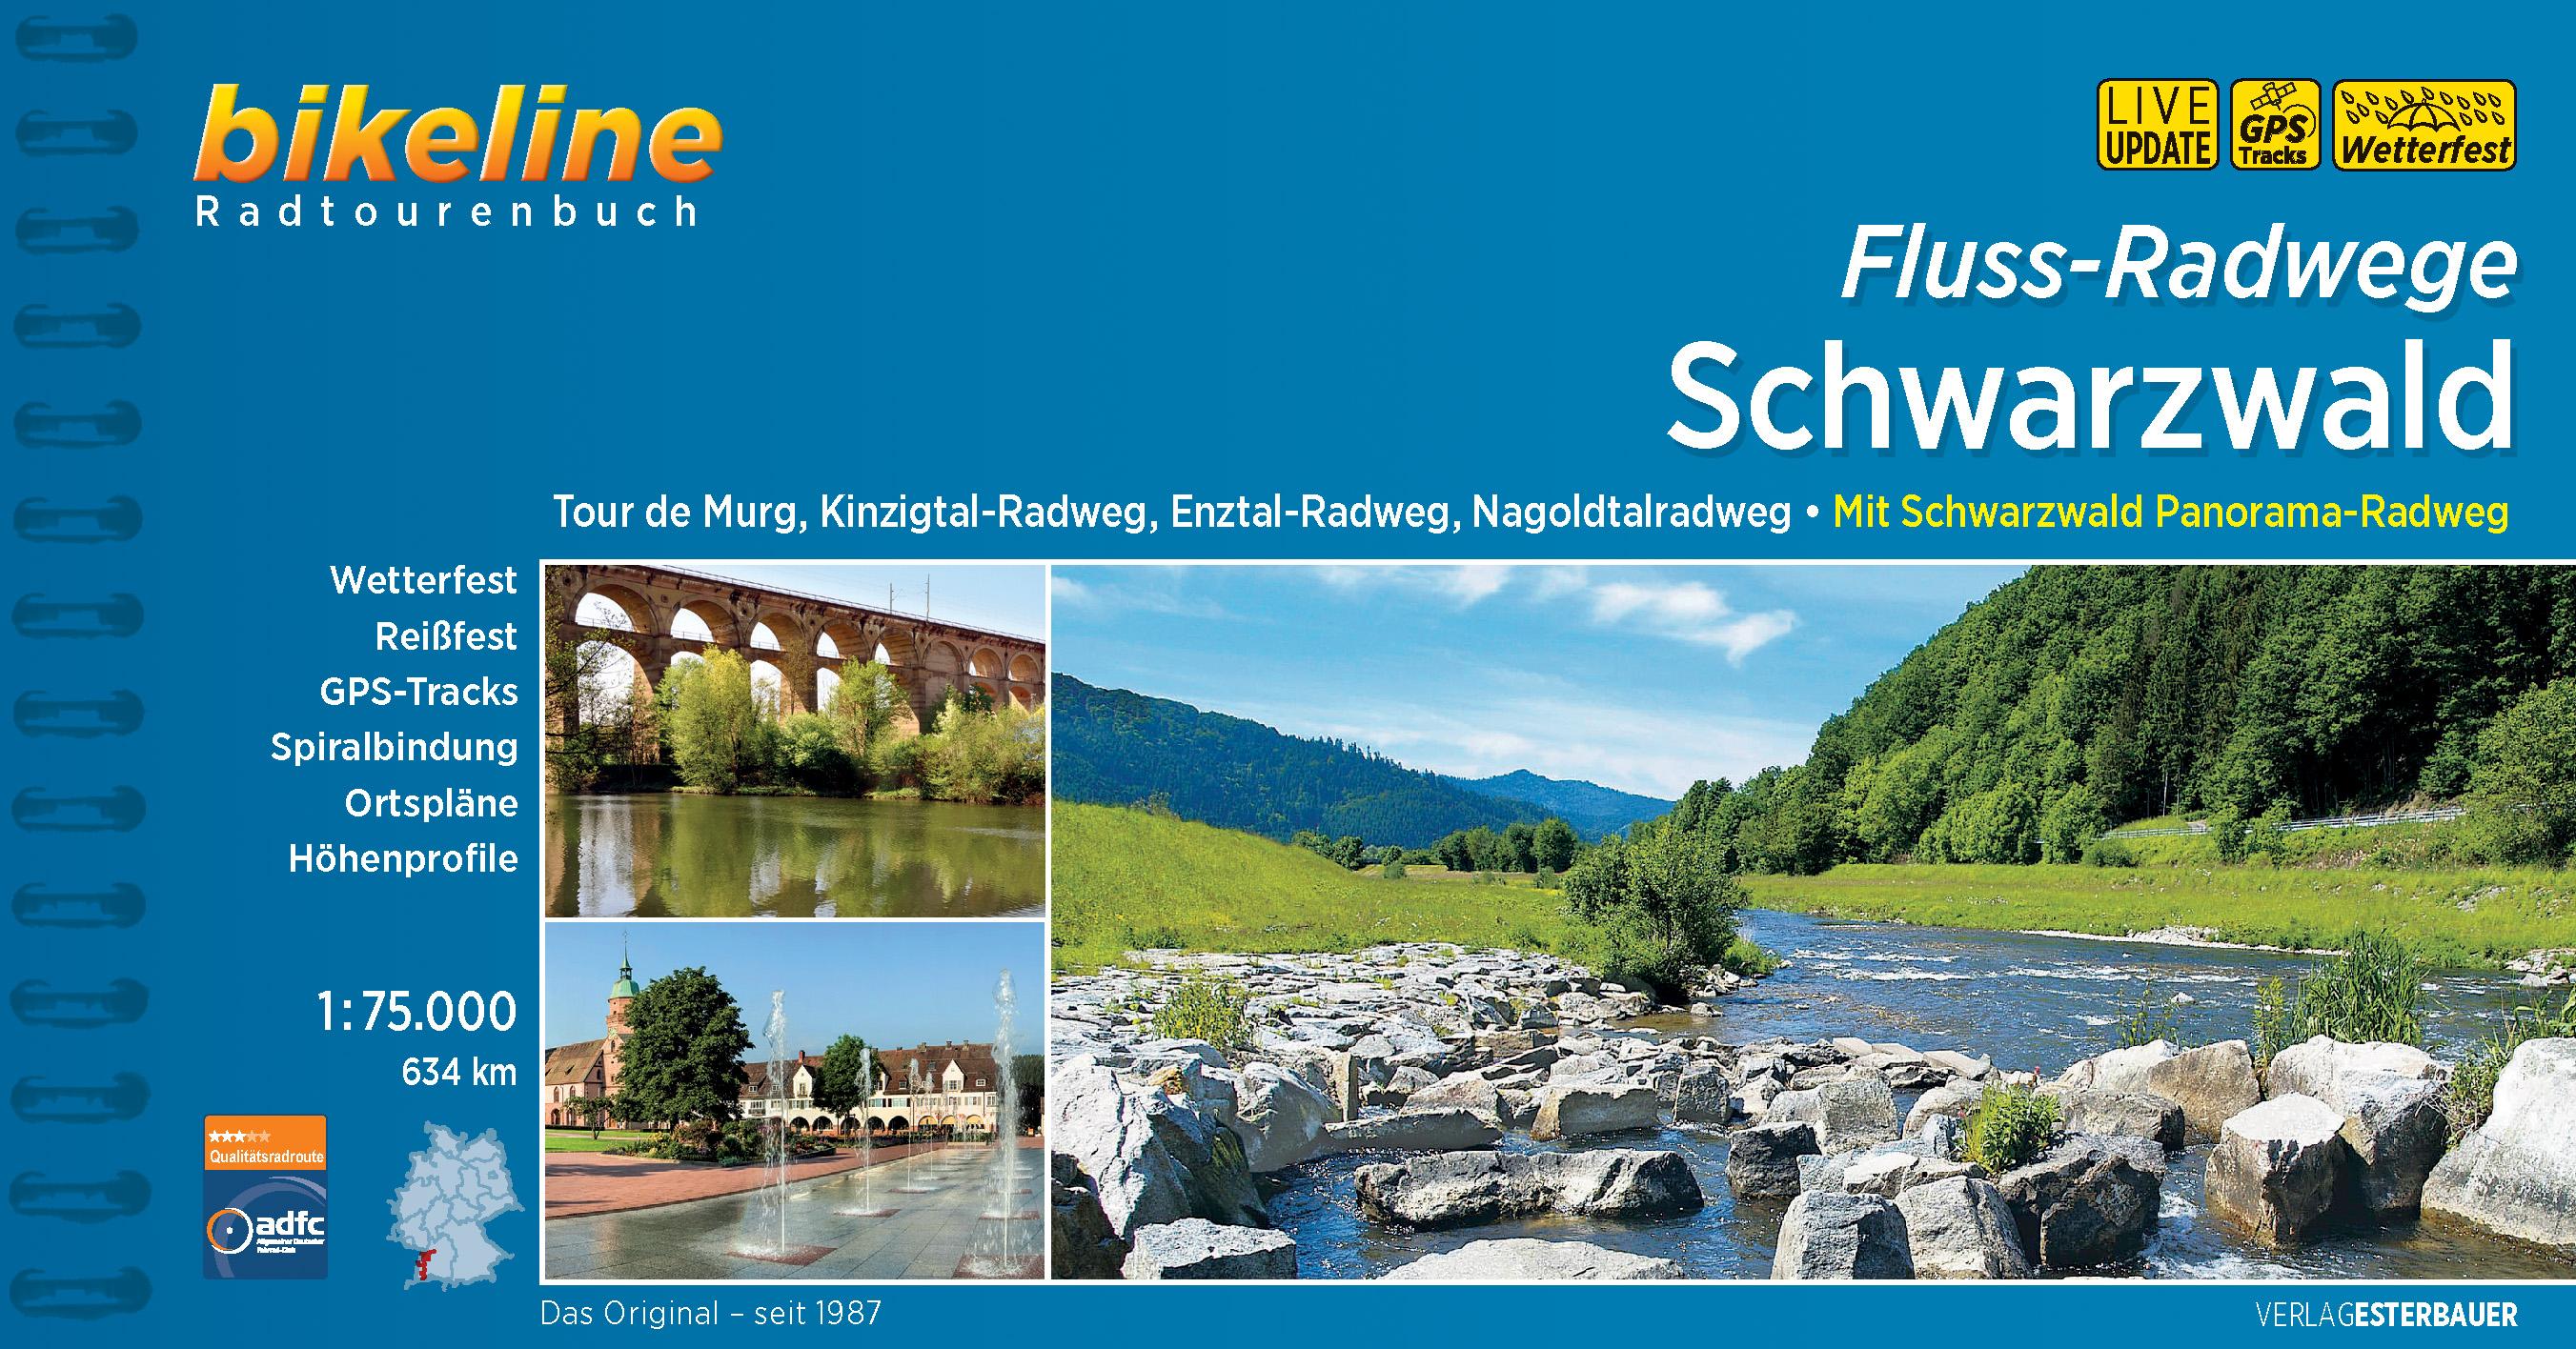 Schwarzwald Fluss-Radwege